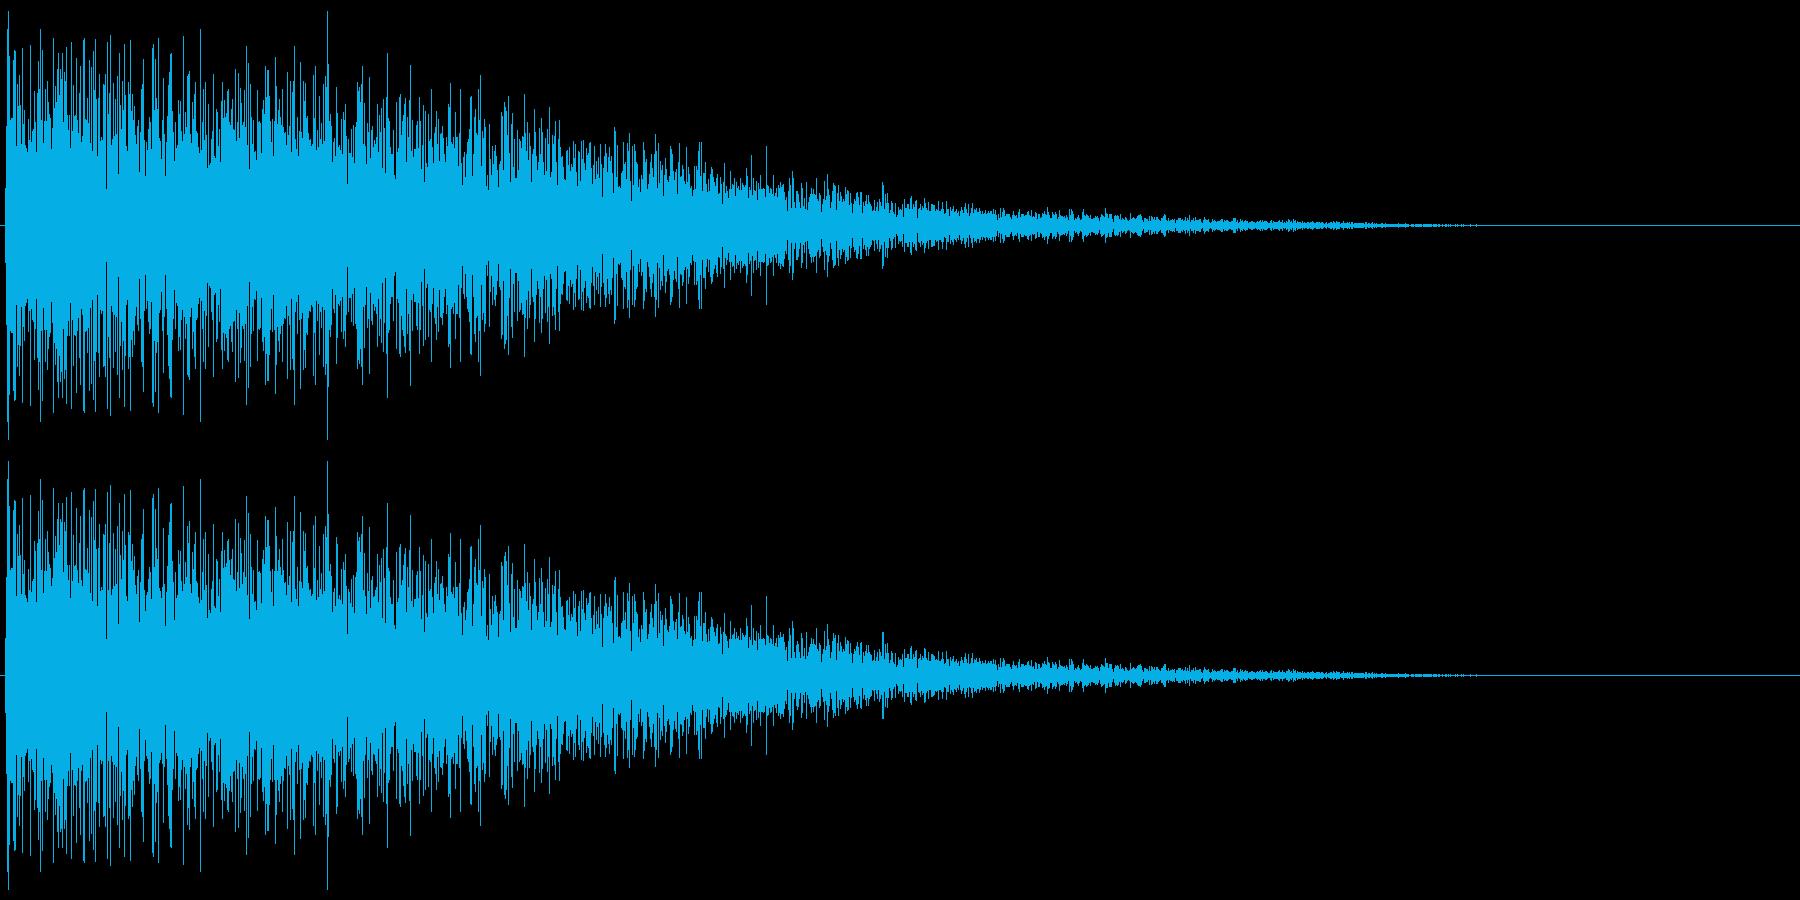 昭和の特撮にありそうな衝撃音(パーン)の再生済みの波形